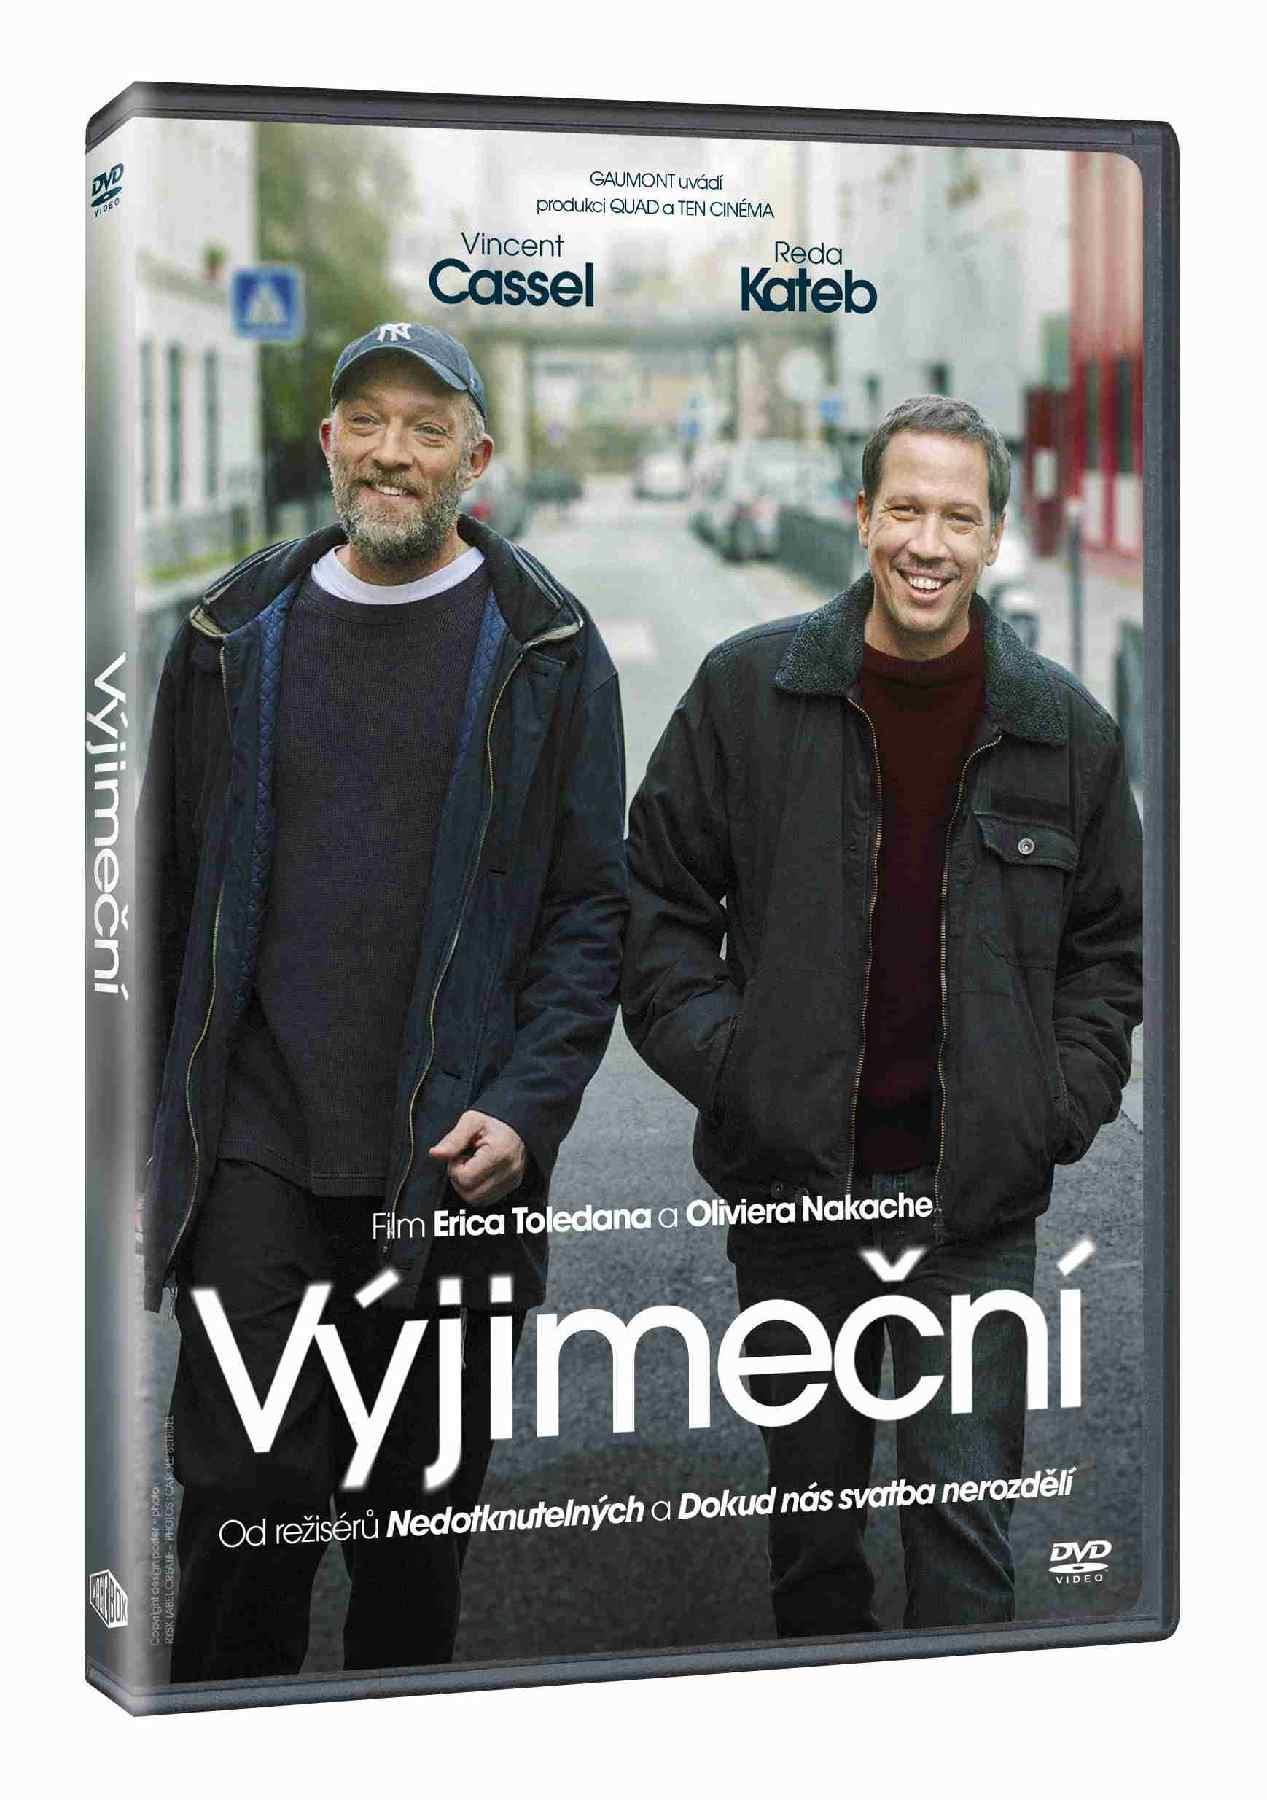 Výjimeční - DVD